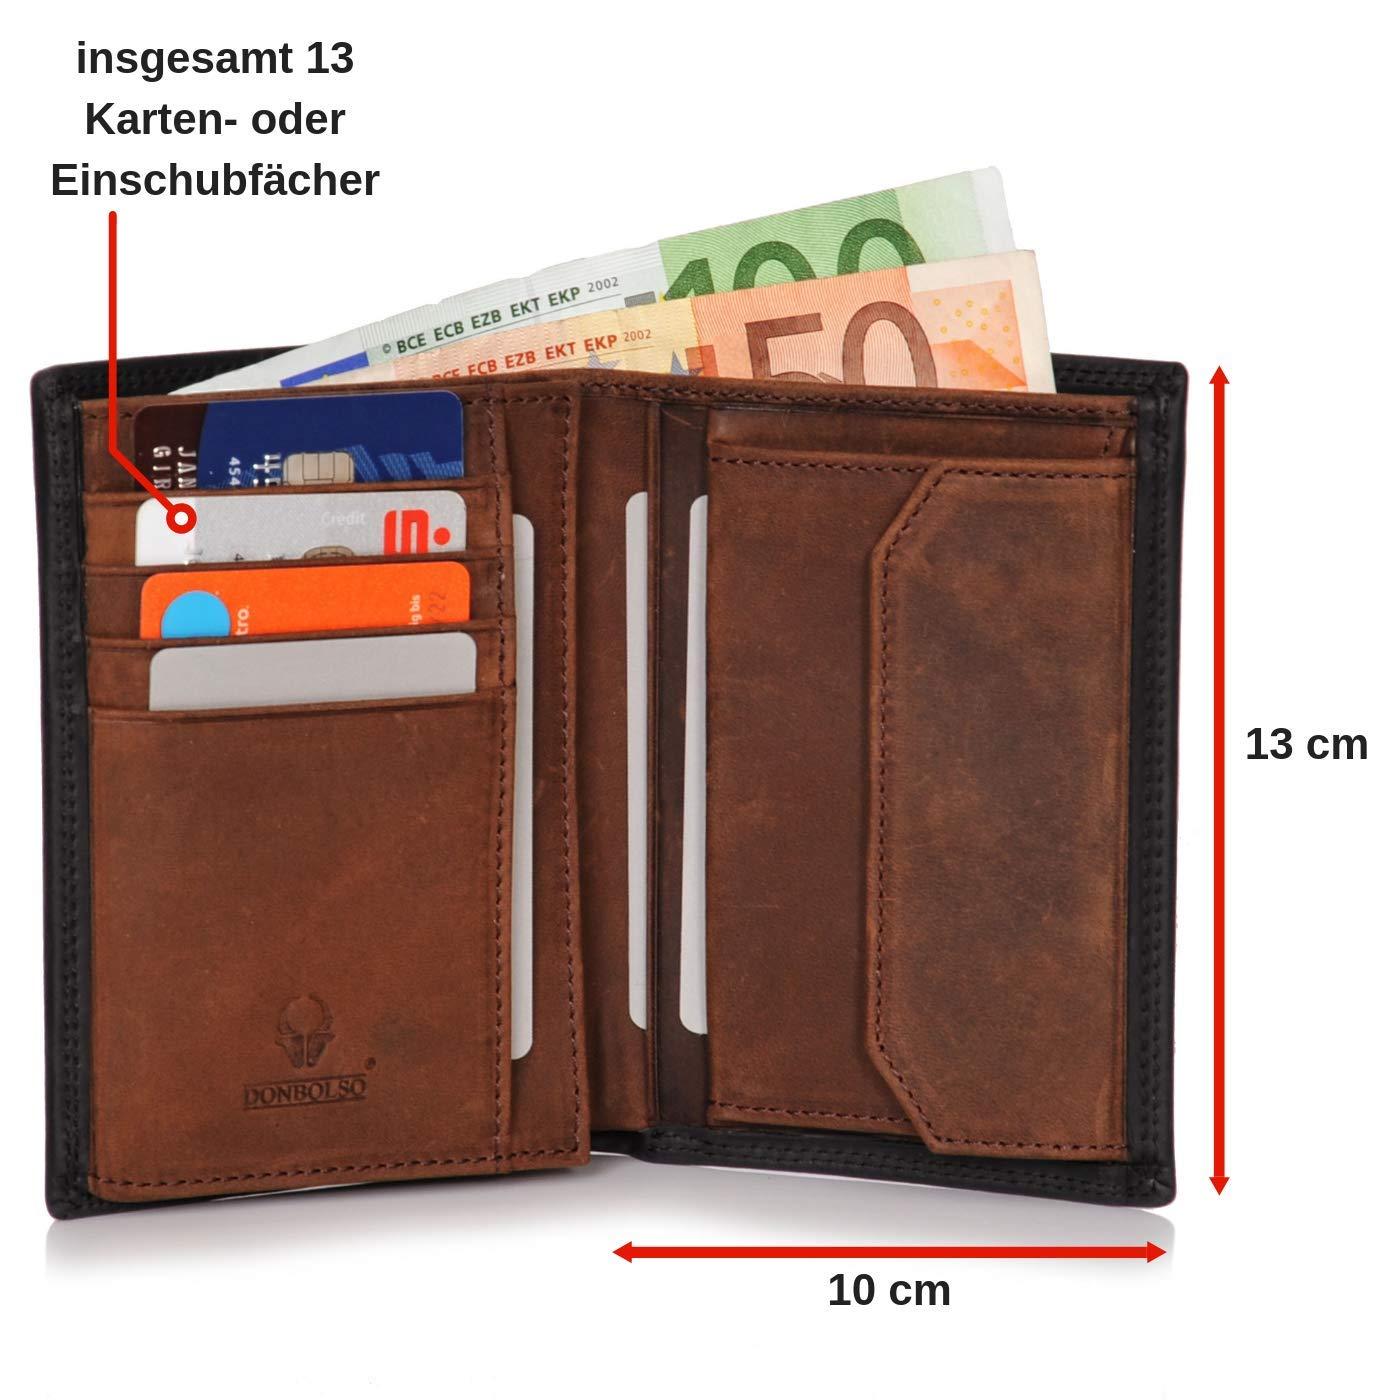 c8574051a7461 Donbolso Herren Leder Geldbörse Wien - Großes Portemonnaie für Männer - Wallet  schwarz braun mit Doppelscheinfach - Geldbeutel mit RFID Schutz  Amazon.de   ...